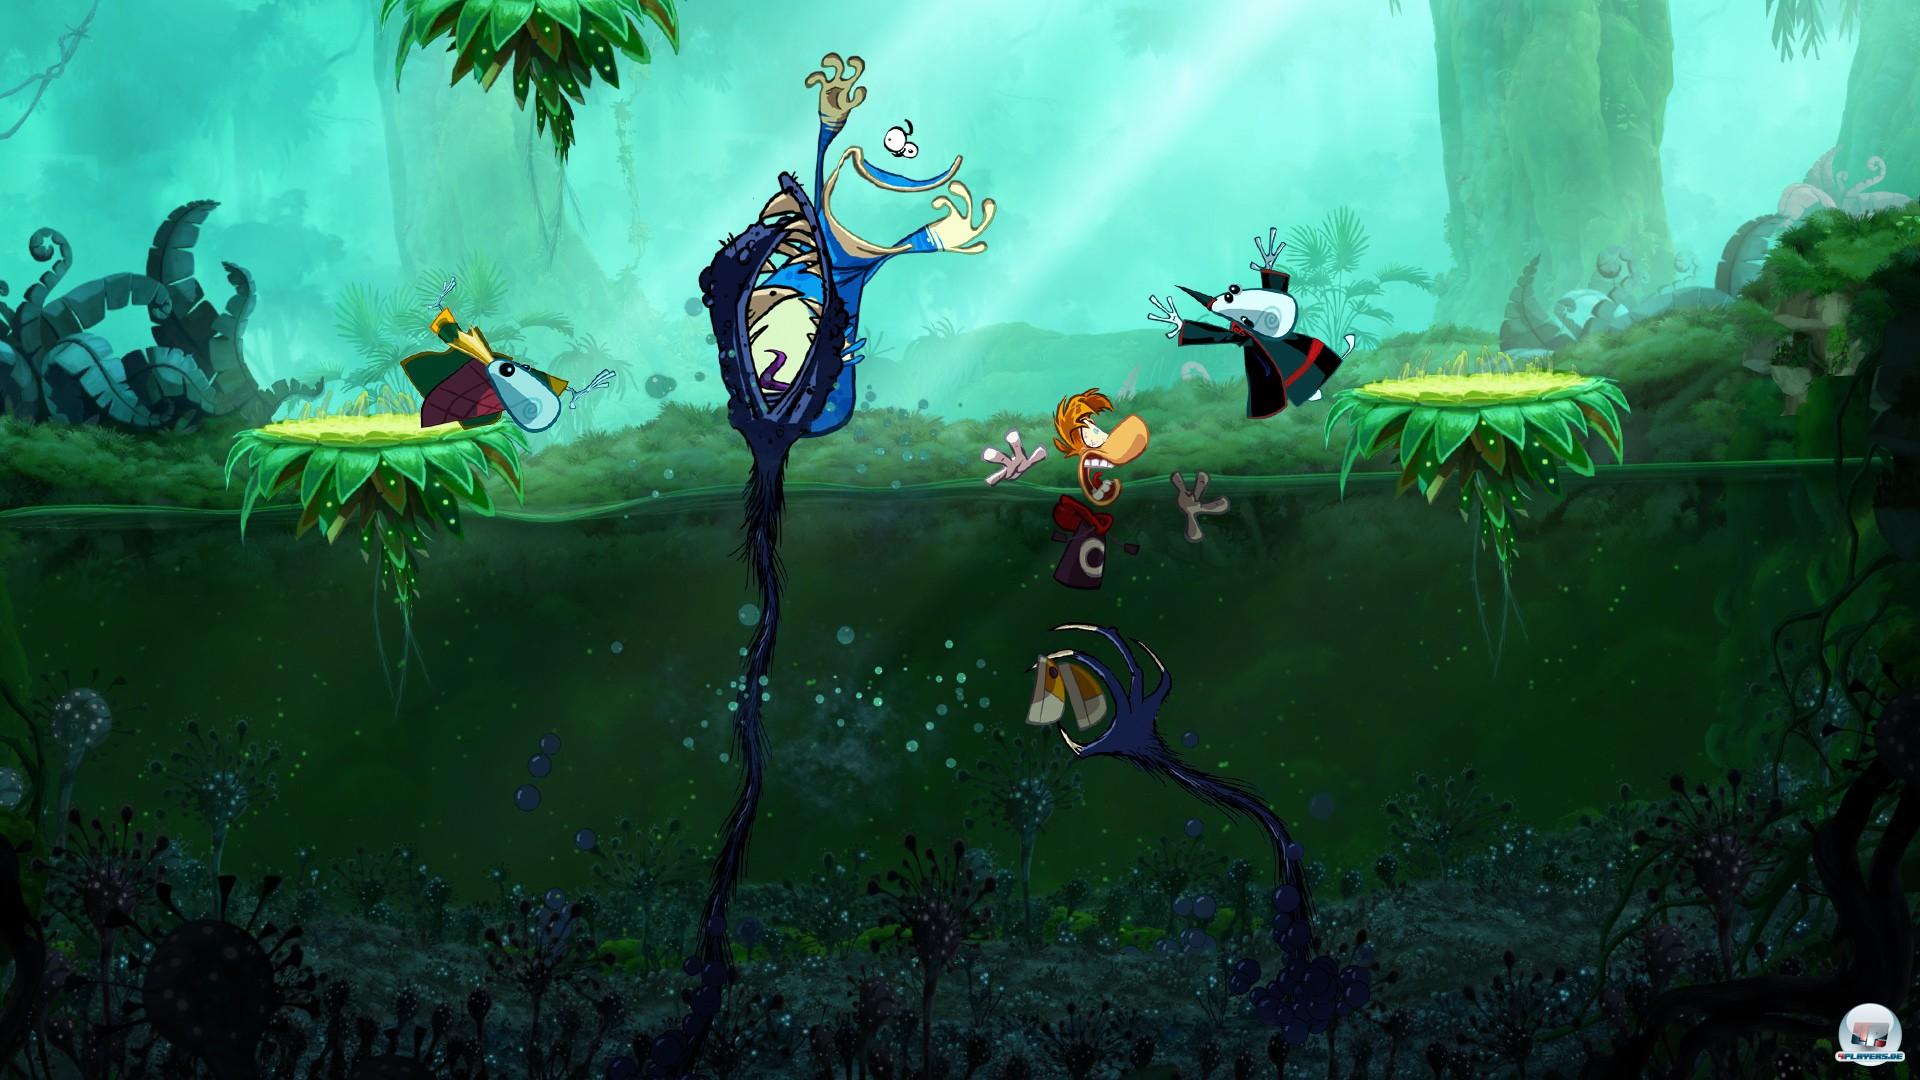 Bis zu drei Spieler kämpfen kooperativ gegen gefräßige Wasserpflanzen und andere aufdringliche Widersacher - allerdings nur offline.